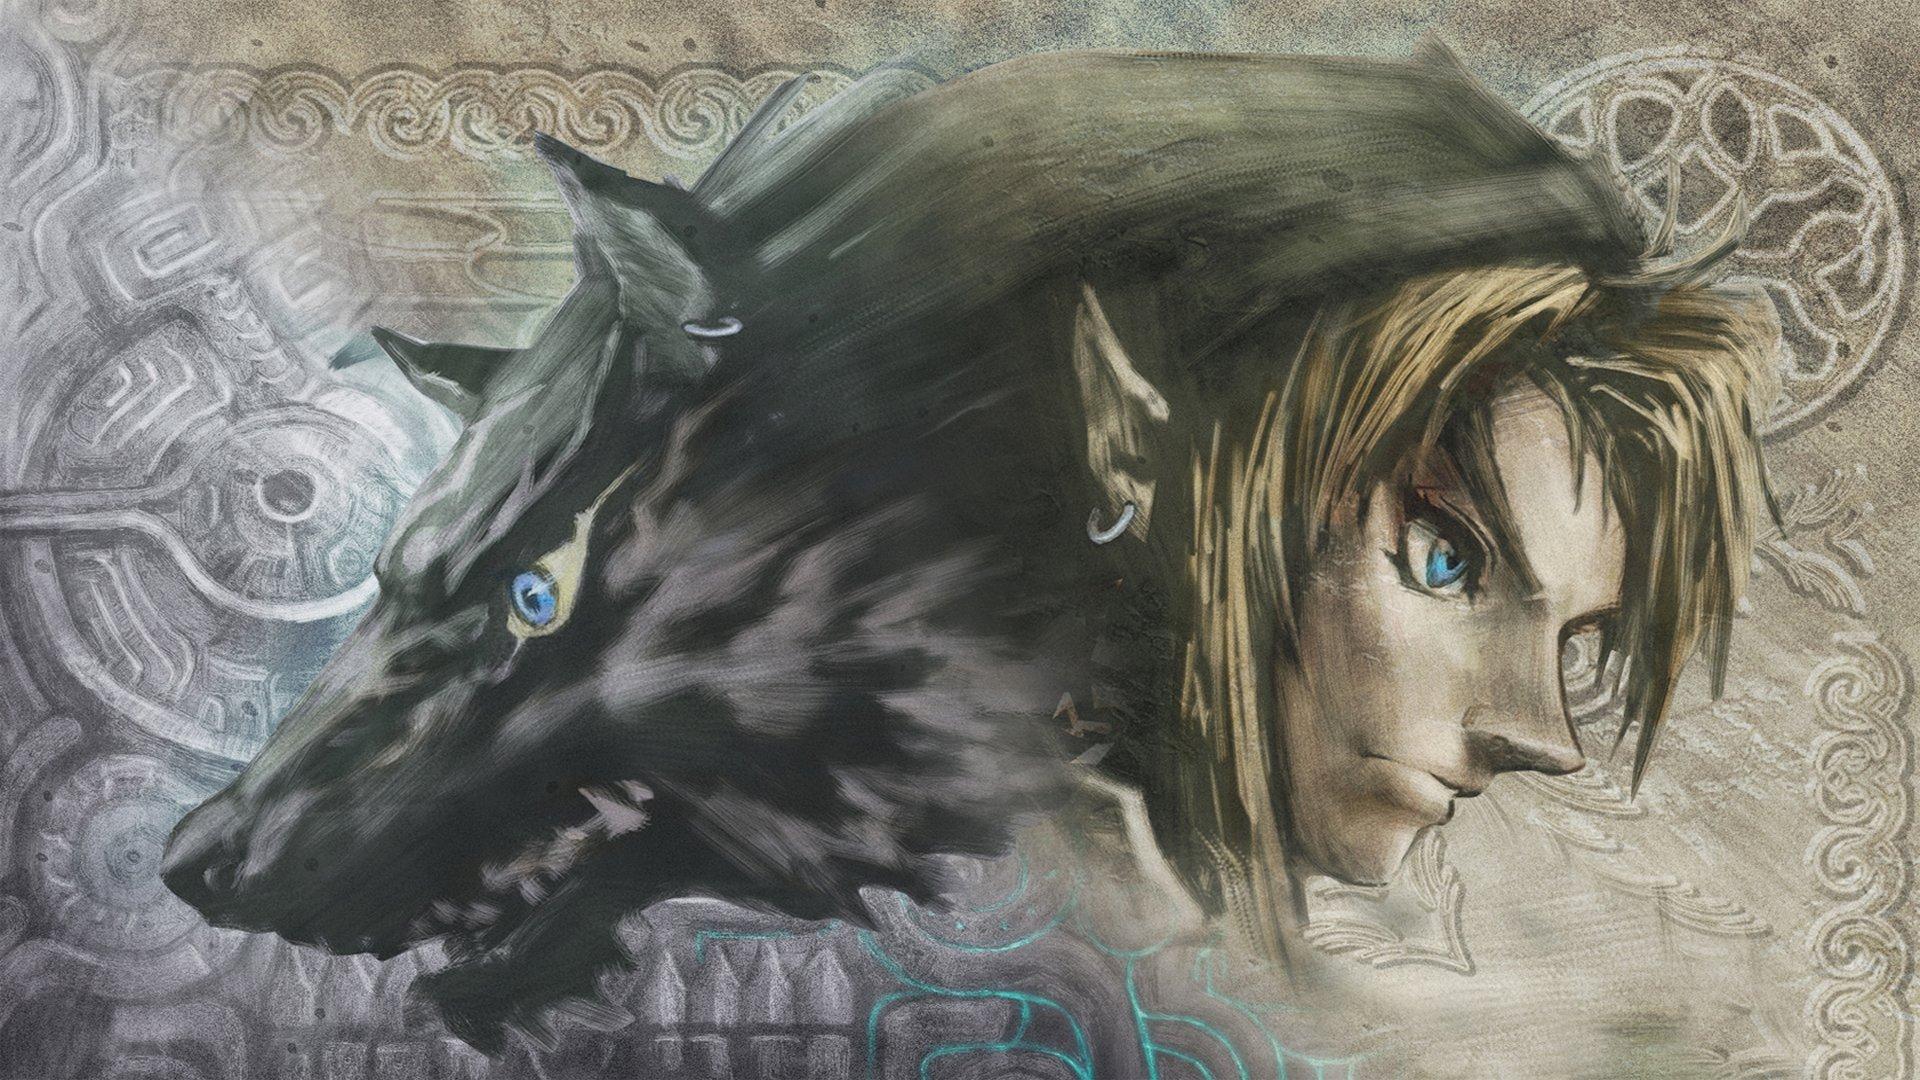 108 The Legend Of Zelda Twilight Princess Hd Wallpapers